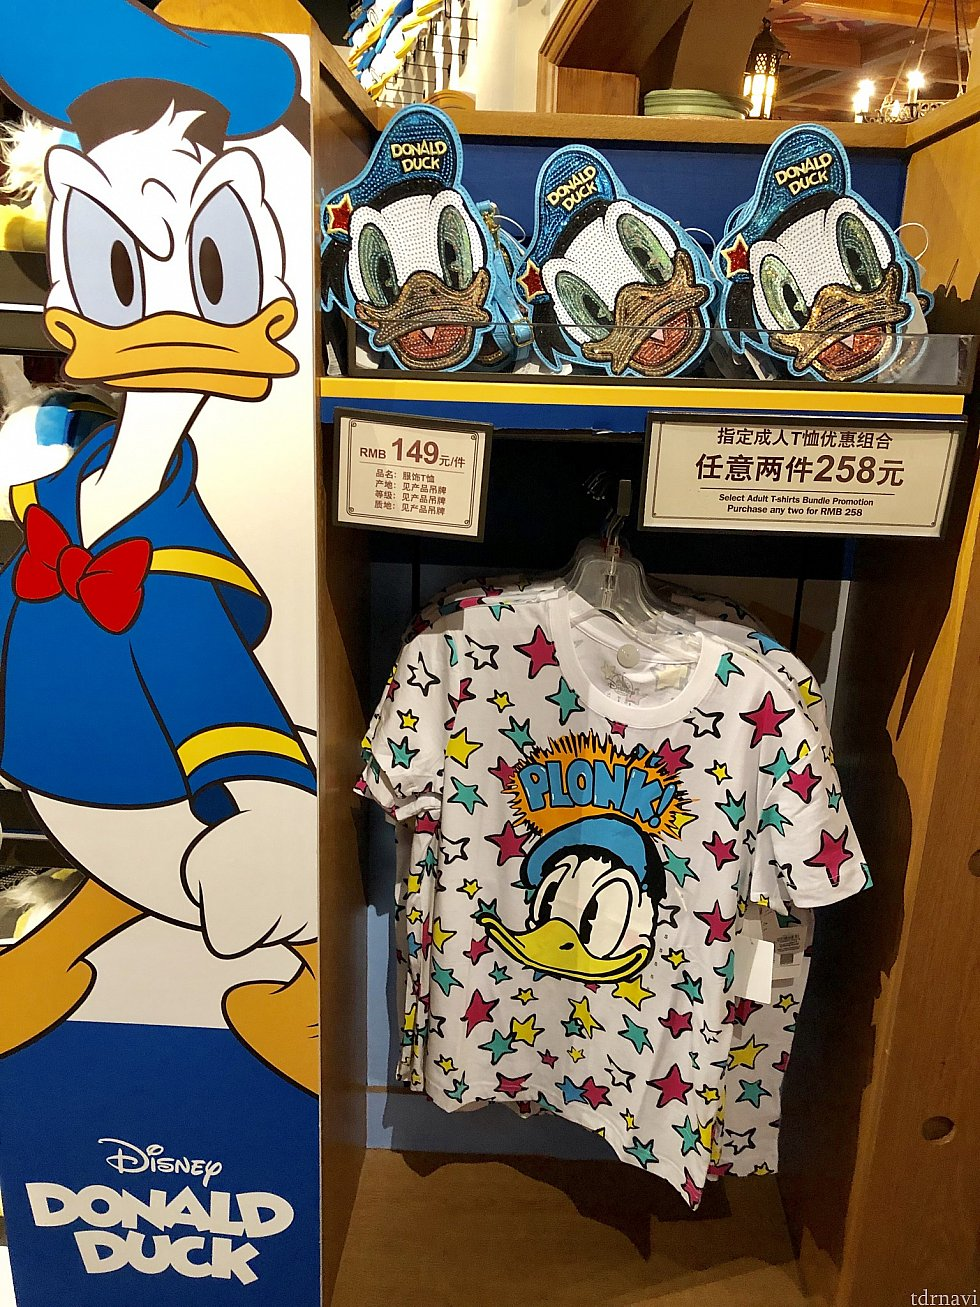 このドナルドのTシャツ可愛い♡ 指定のTシャツが2枚でお得に買えるキャンペーンをやっていました